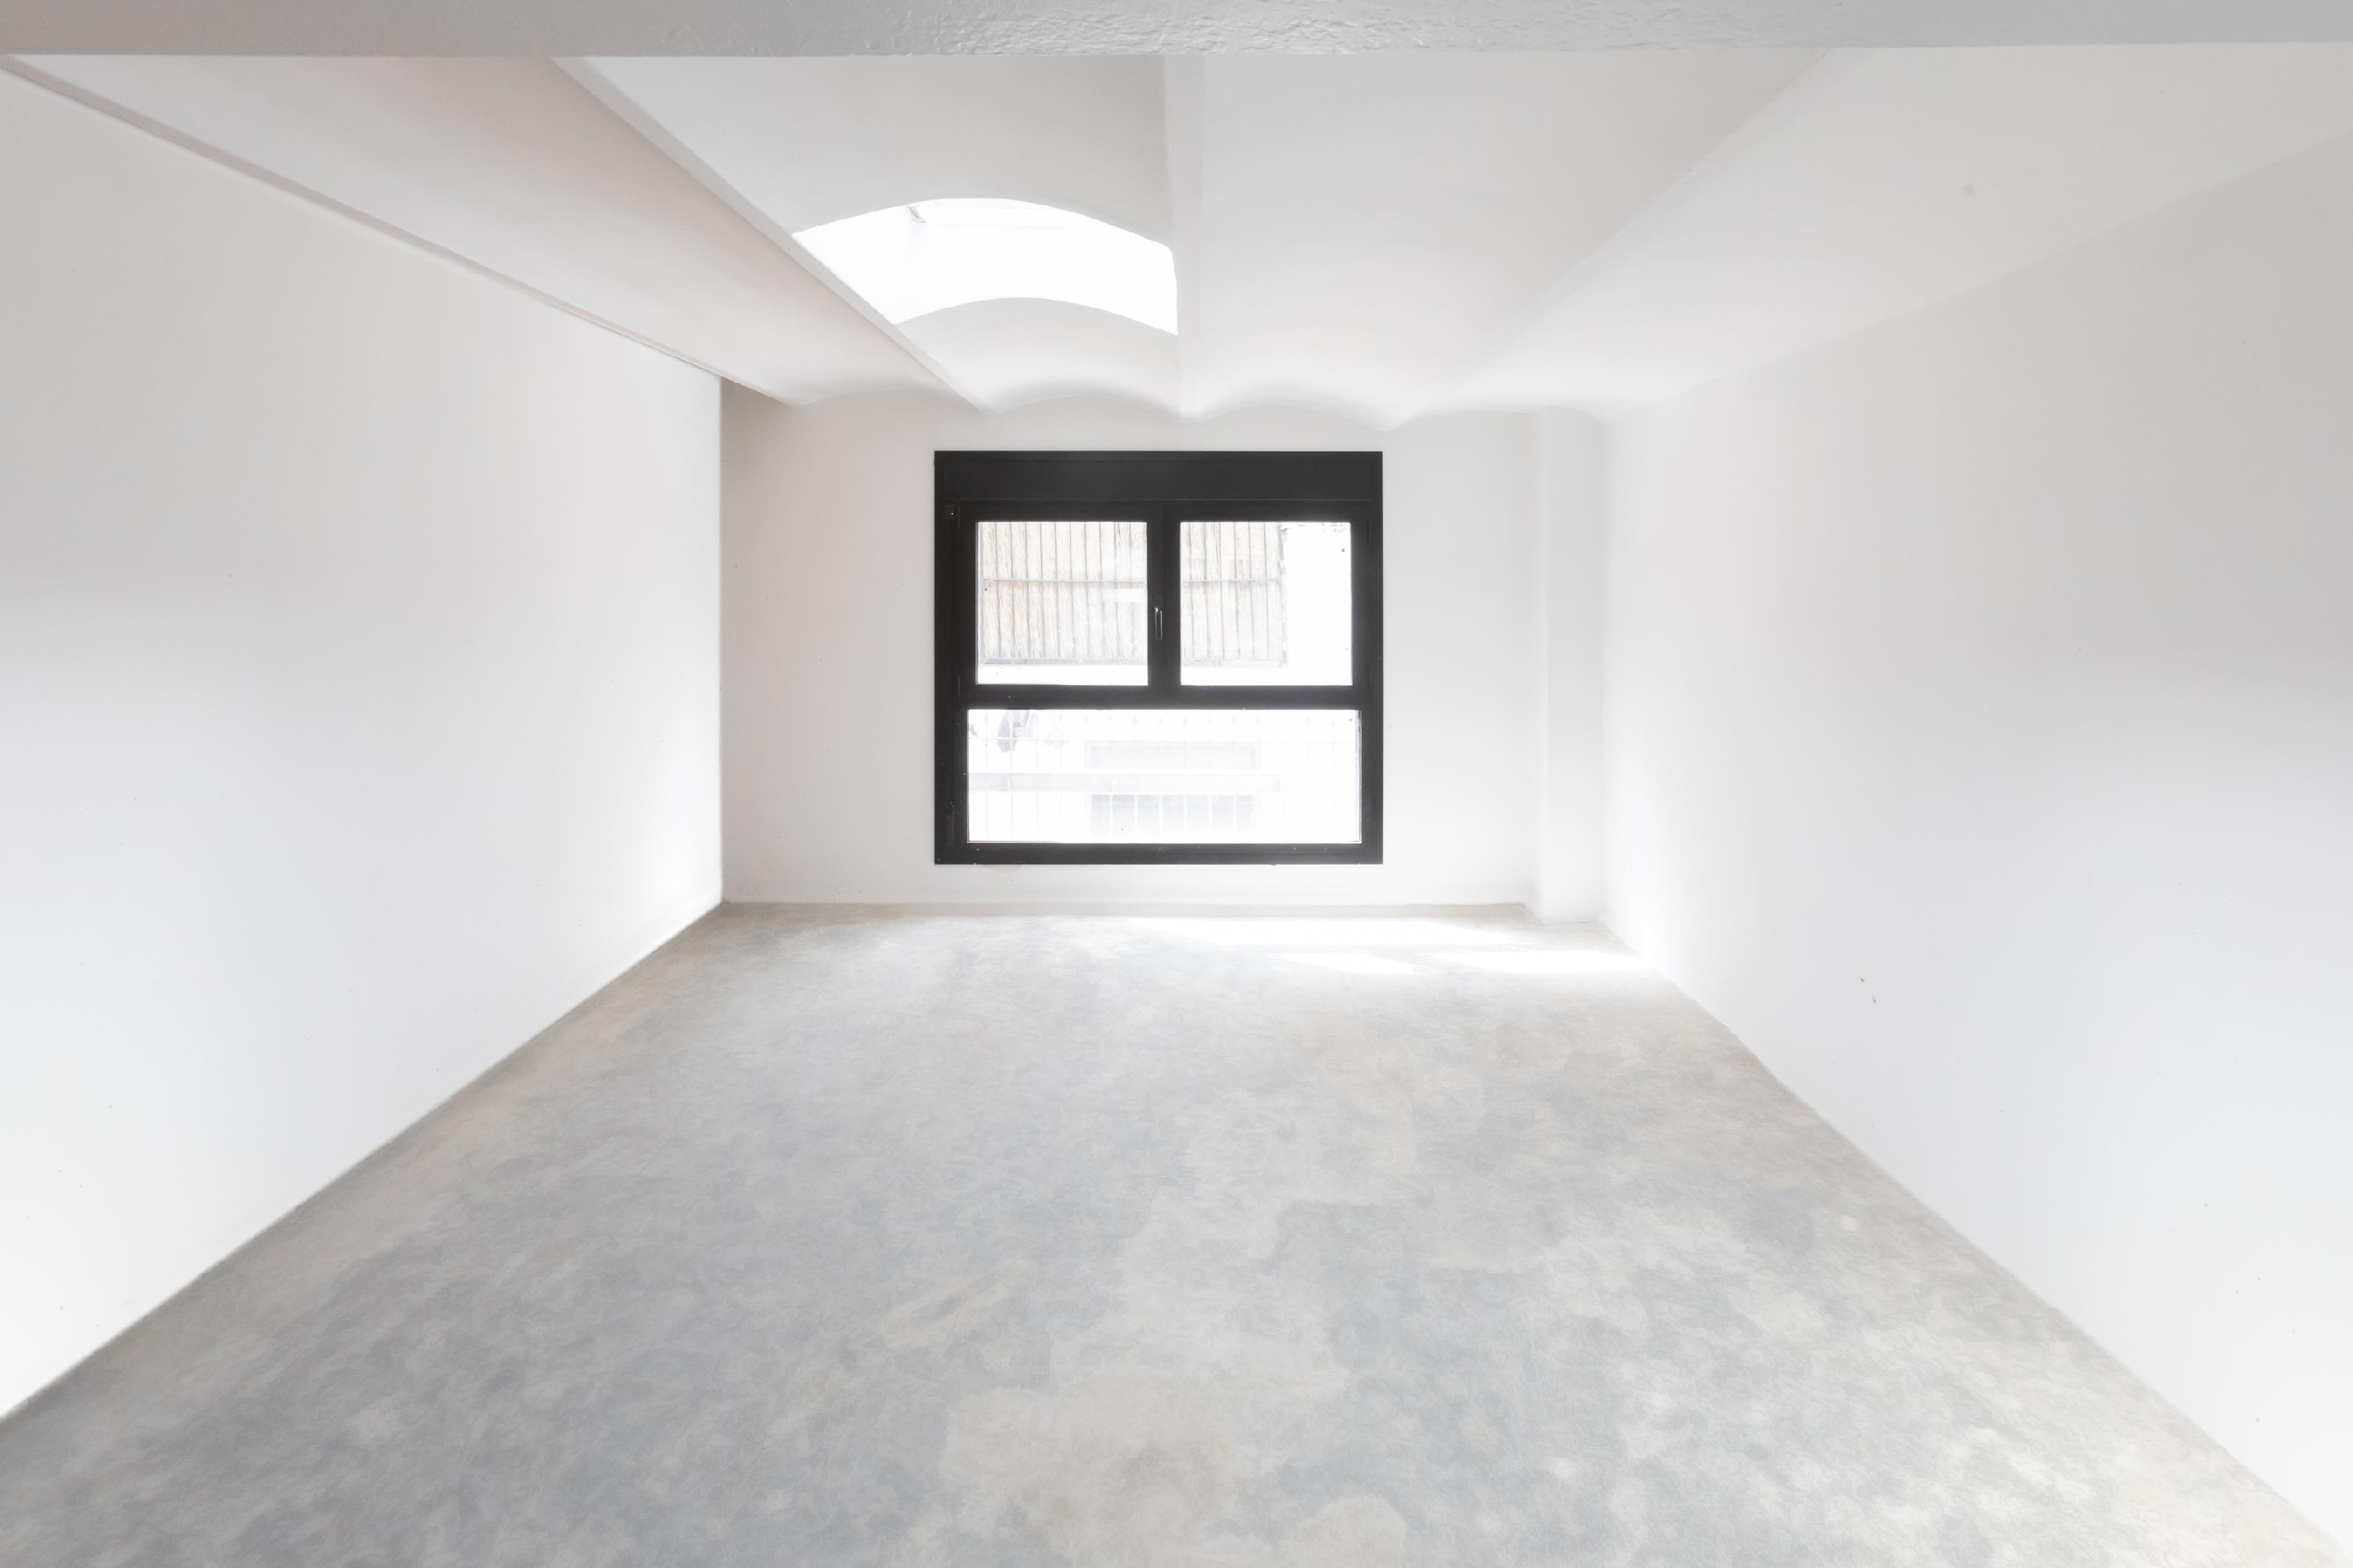 253983 Loft for sale in Gràcia, Vila de Gràcia 9